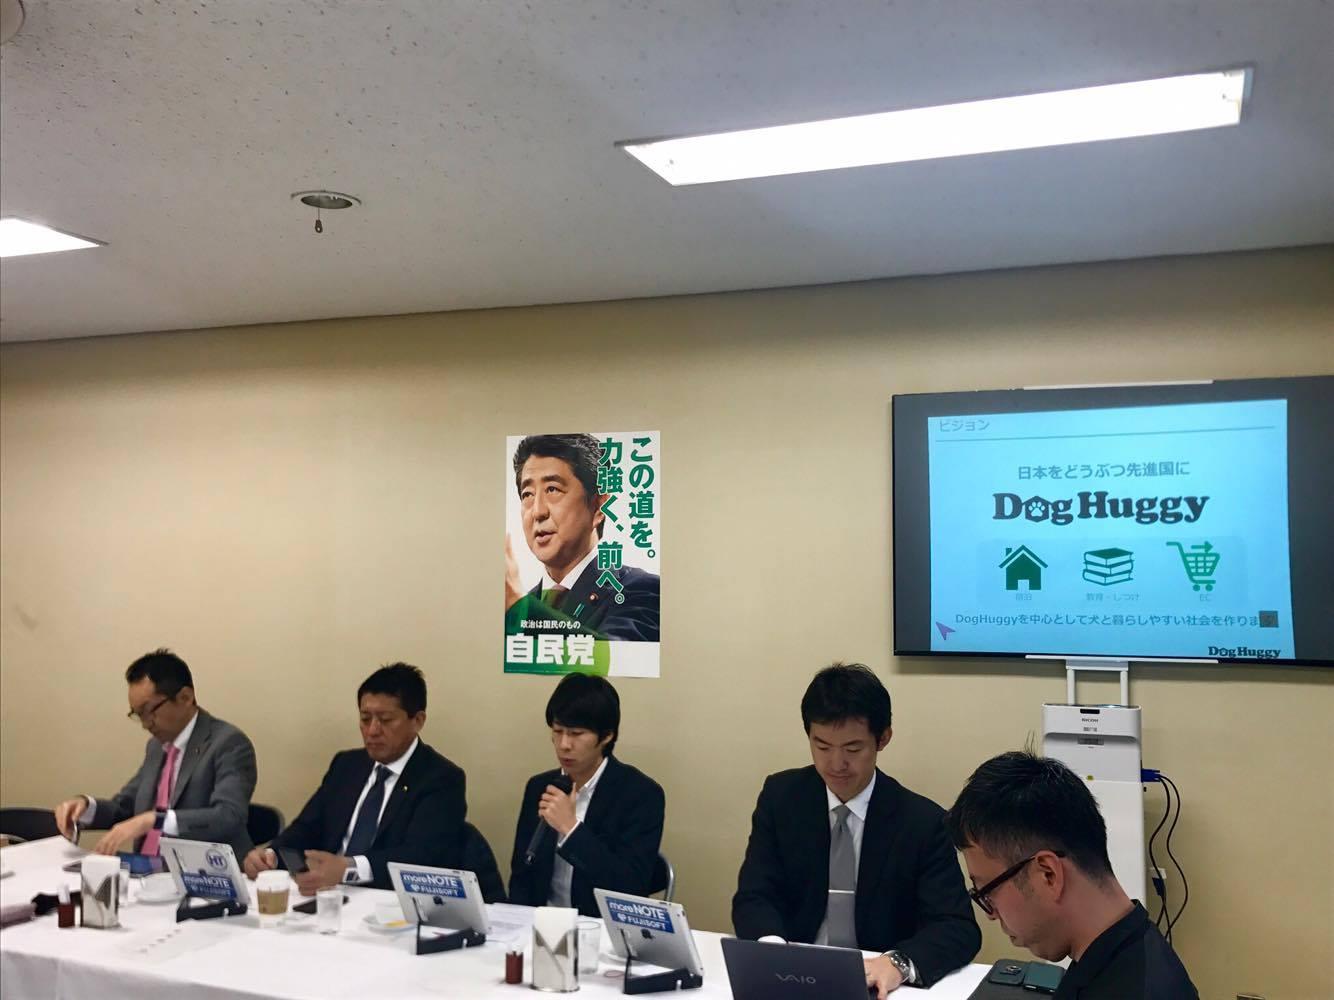 会員のDogHuggy、自民党IT戦略特命委でプレゼンテーション